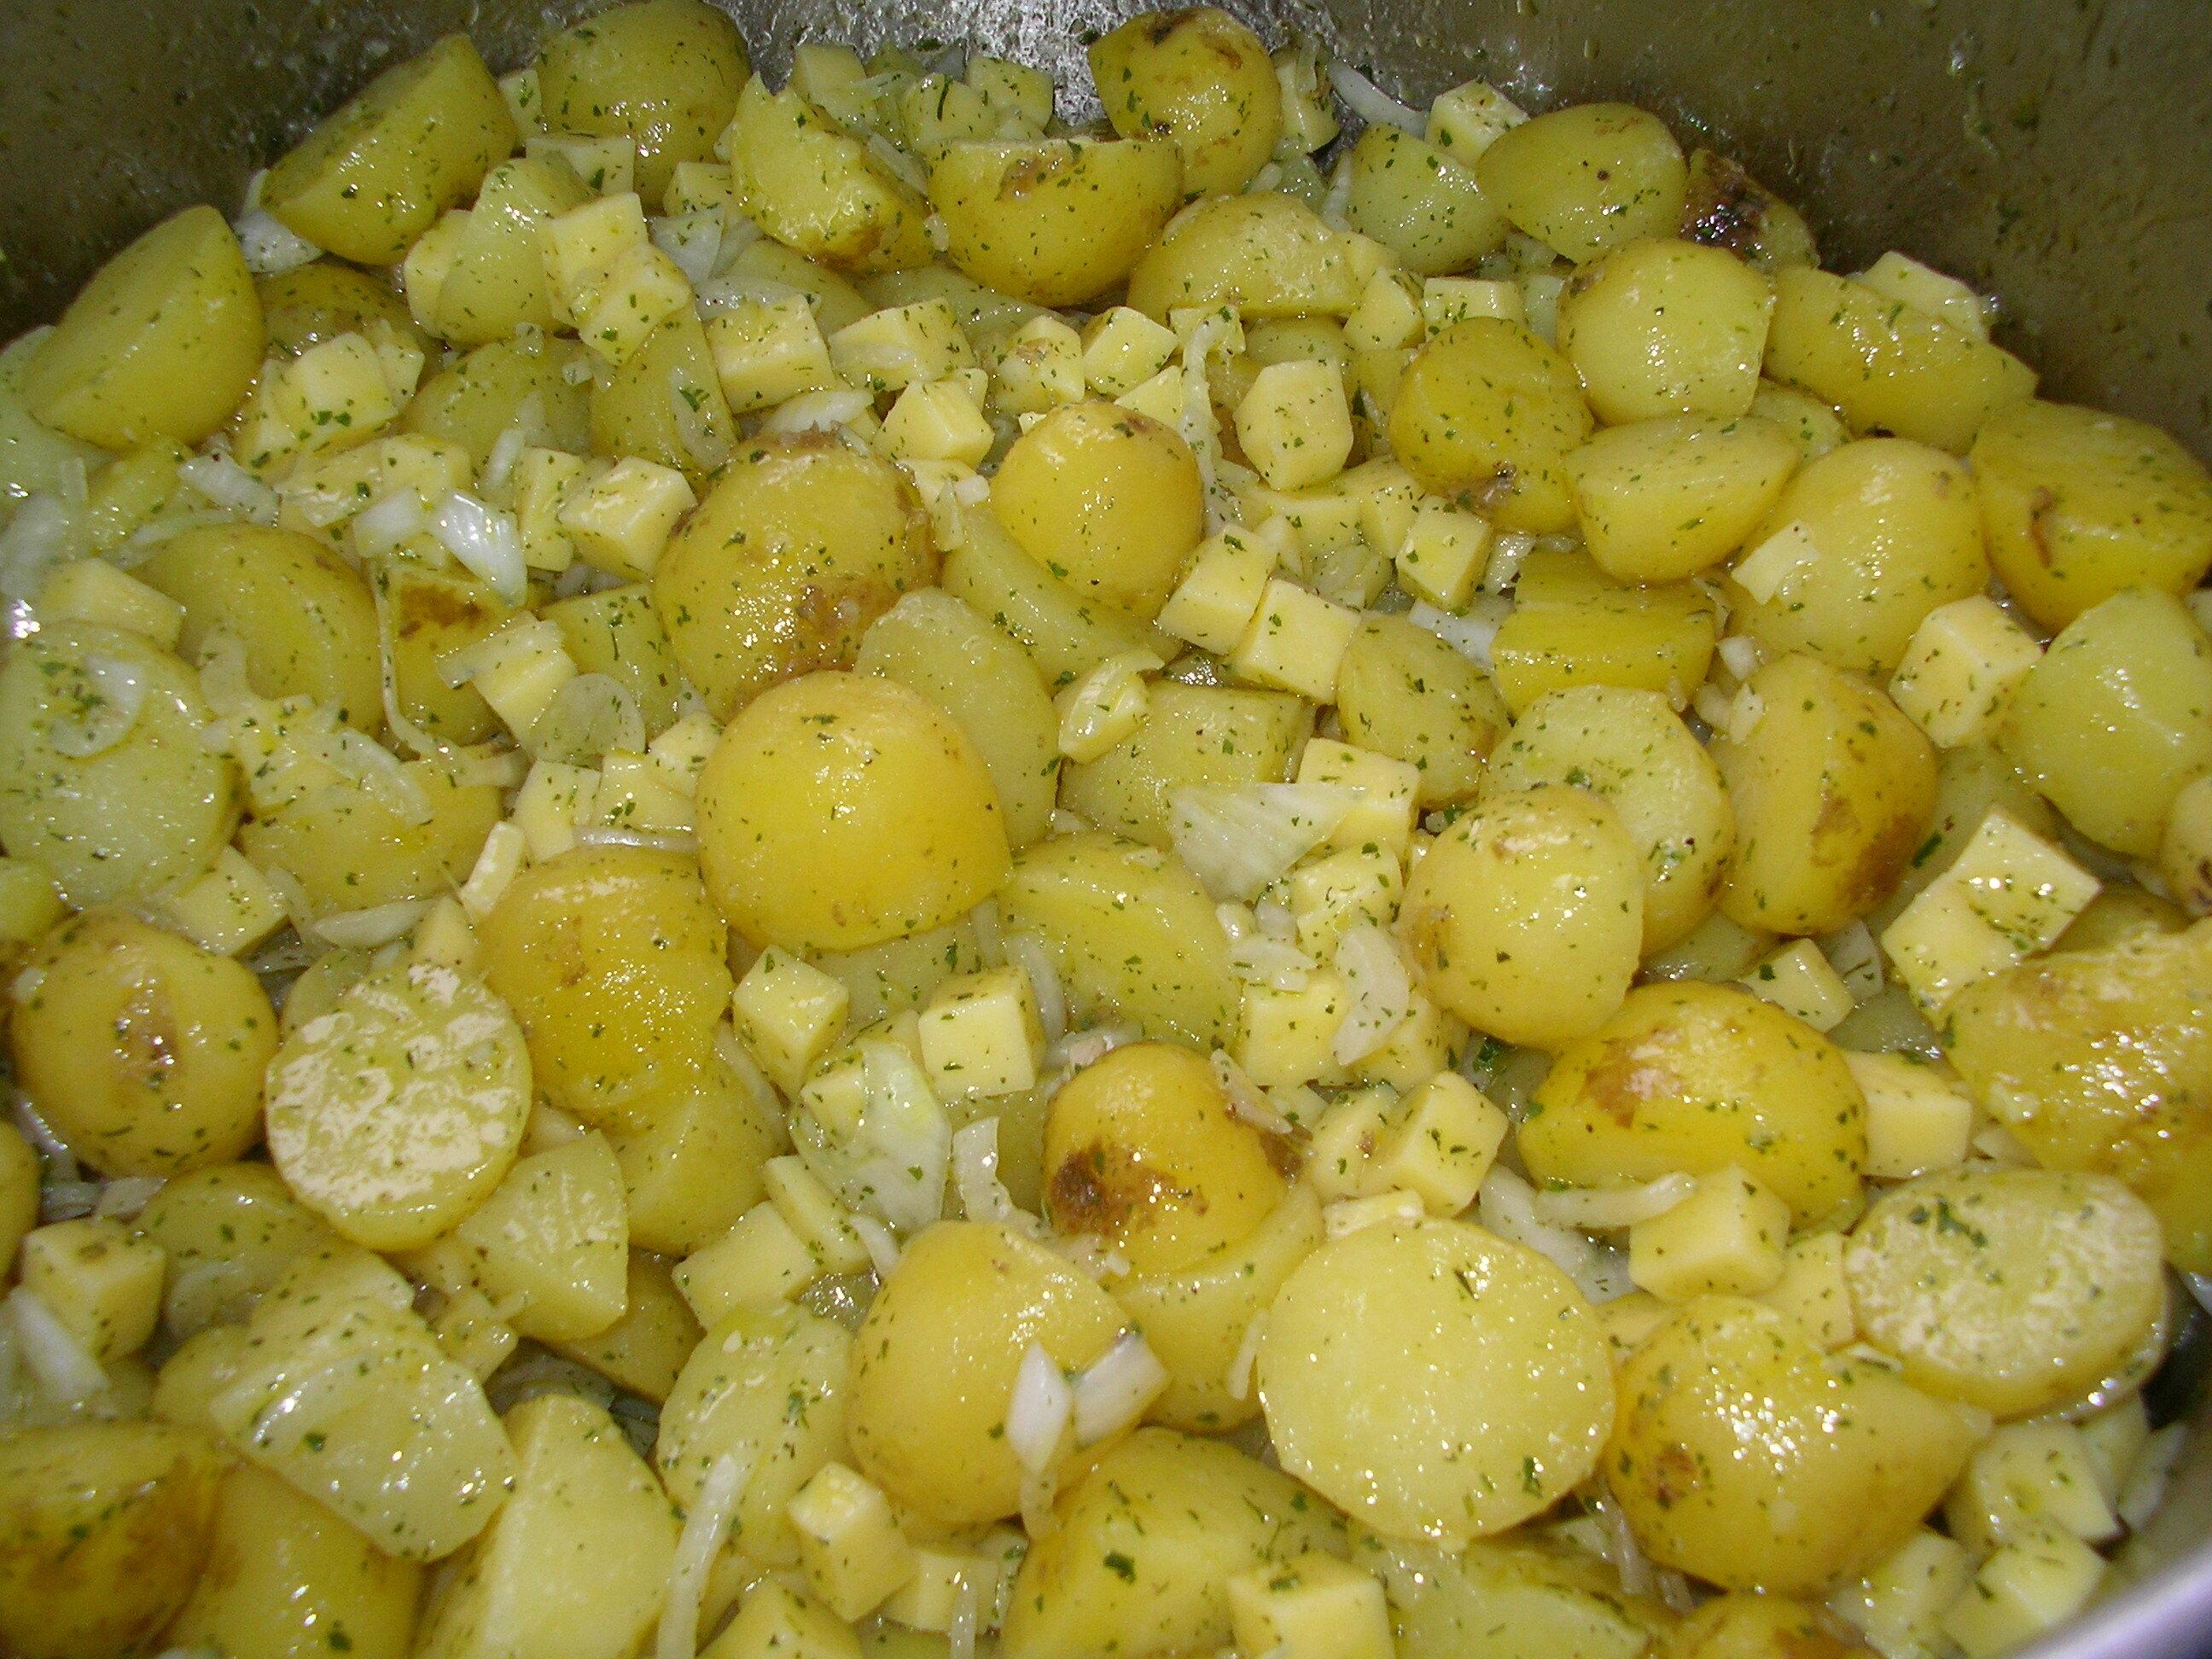 Tysk potatissal